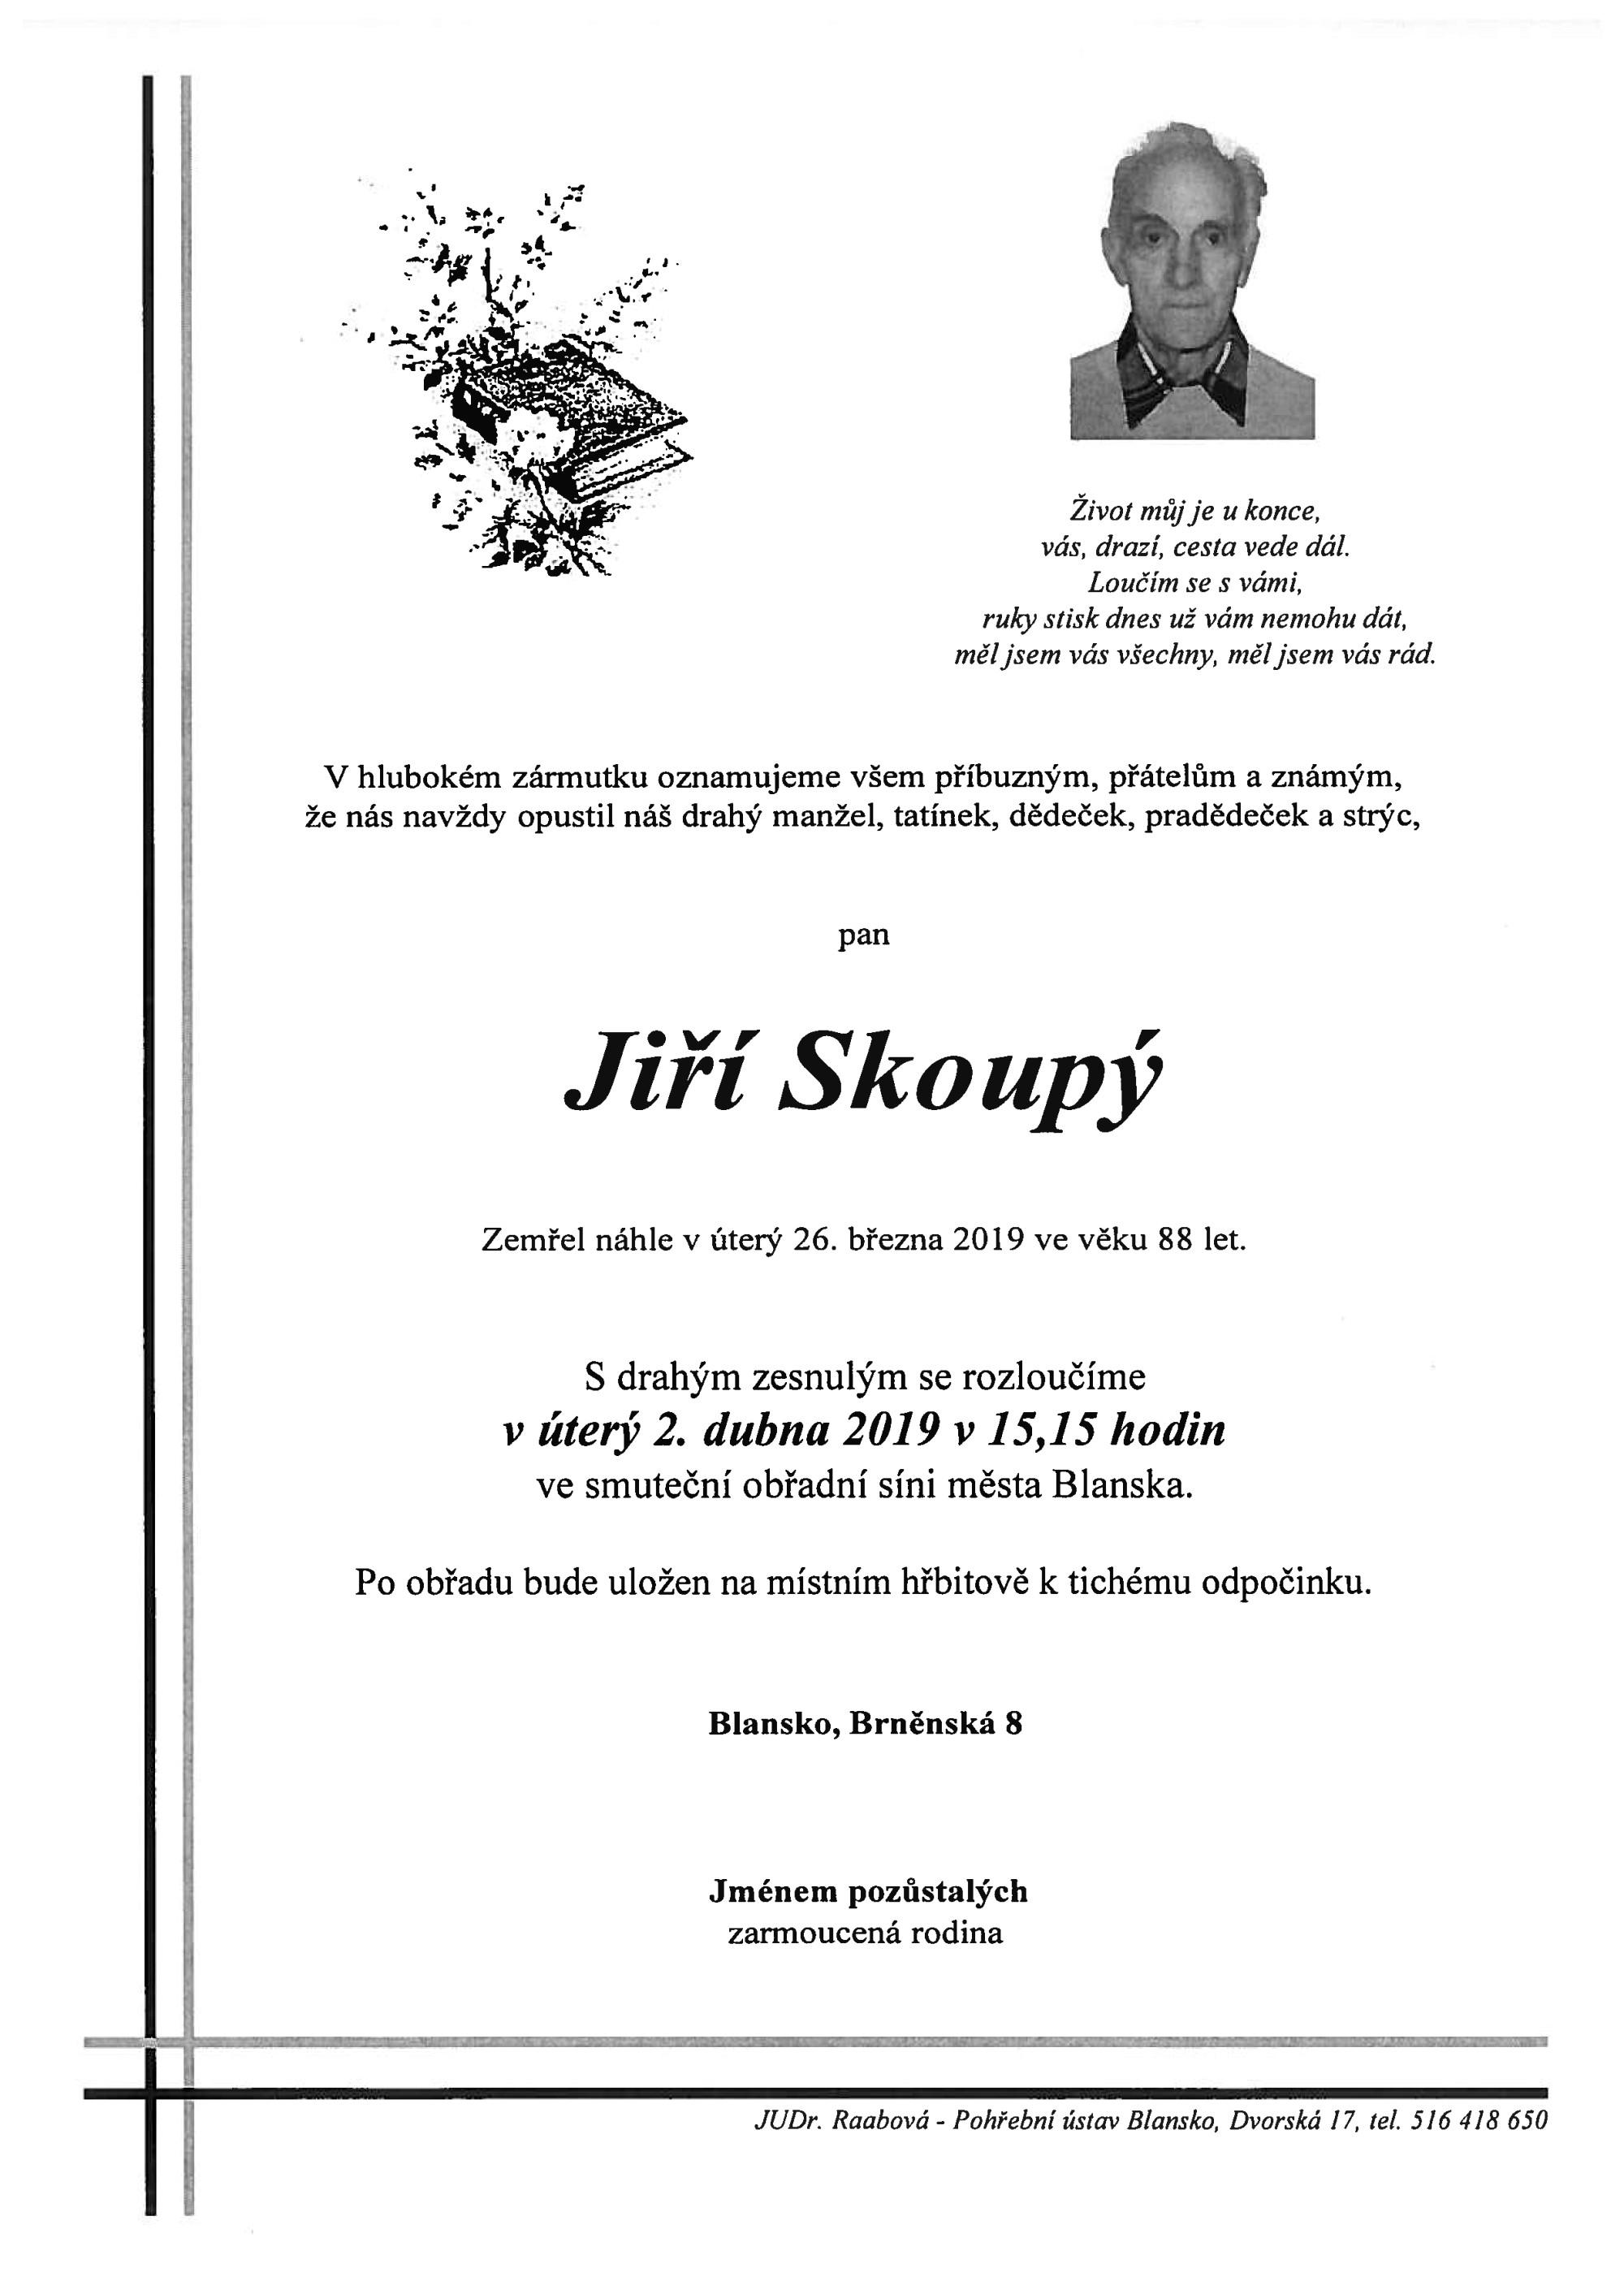 Jiří Skoupý